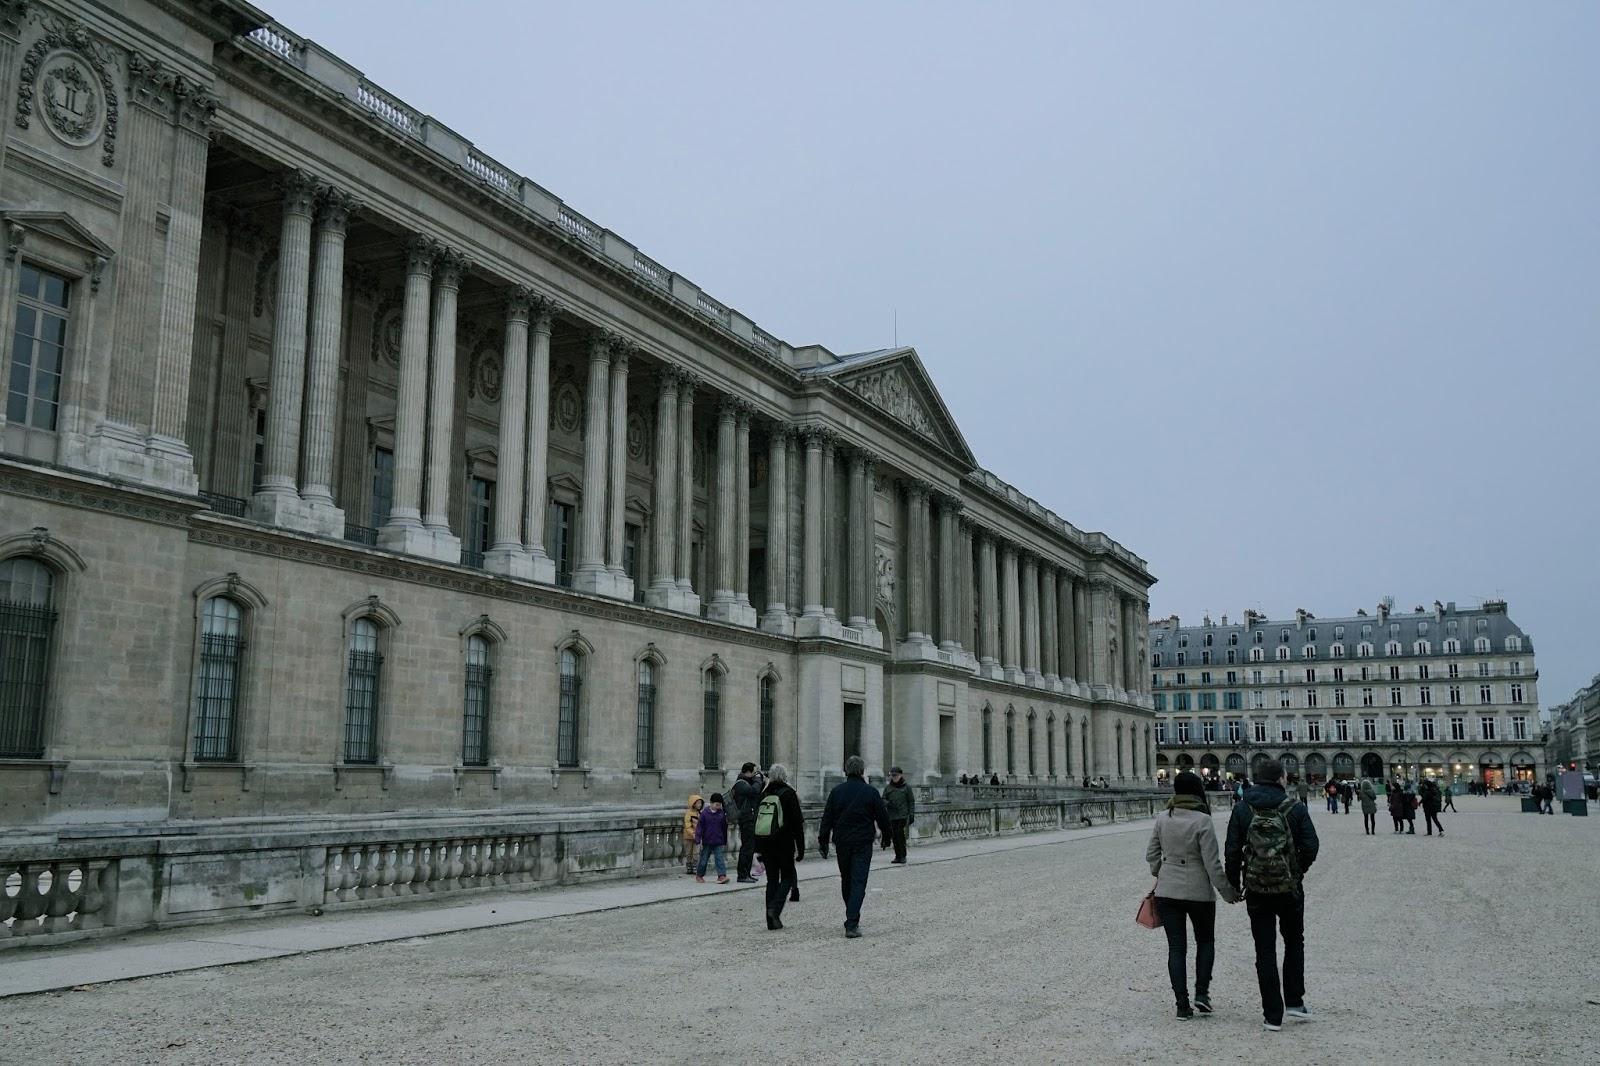 ルーブル宮東側正面(Colonnade de Perrault)の列柱棟